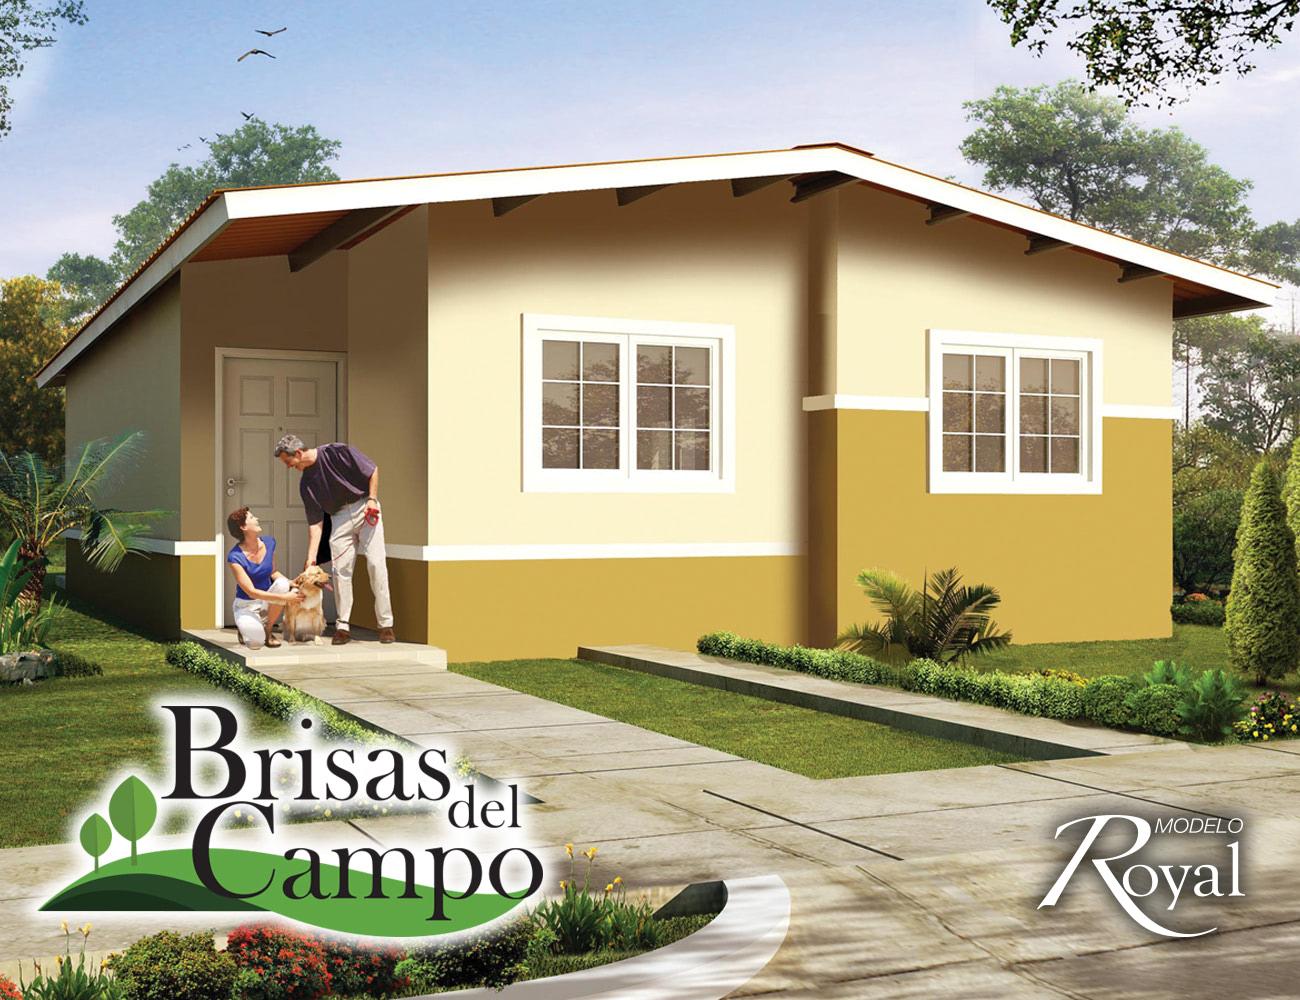 Casas y proyectos en la chorrera y arraijan viviendas de primera - Casas nuevas en terrassa ...